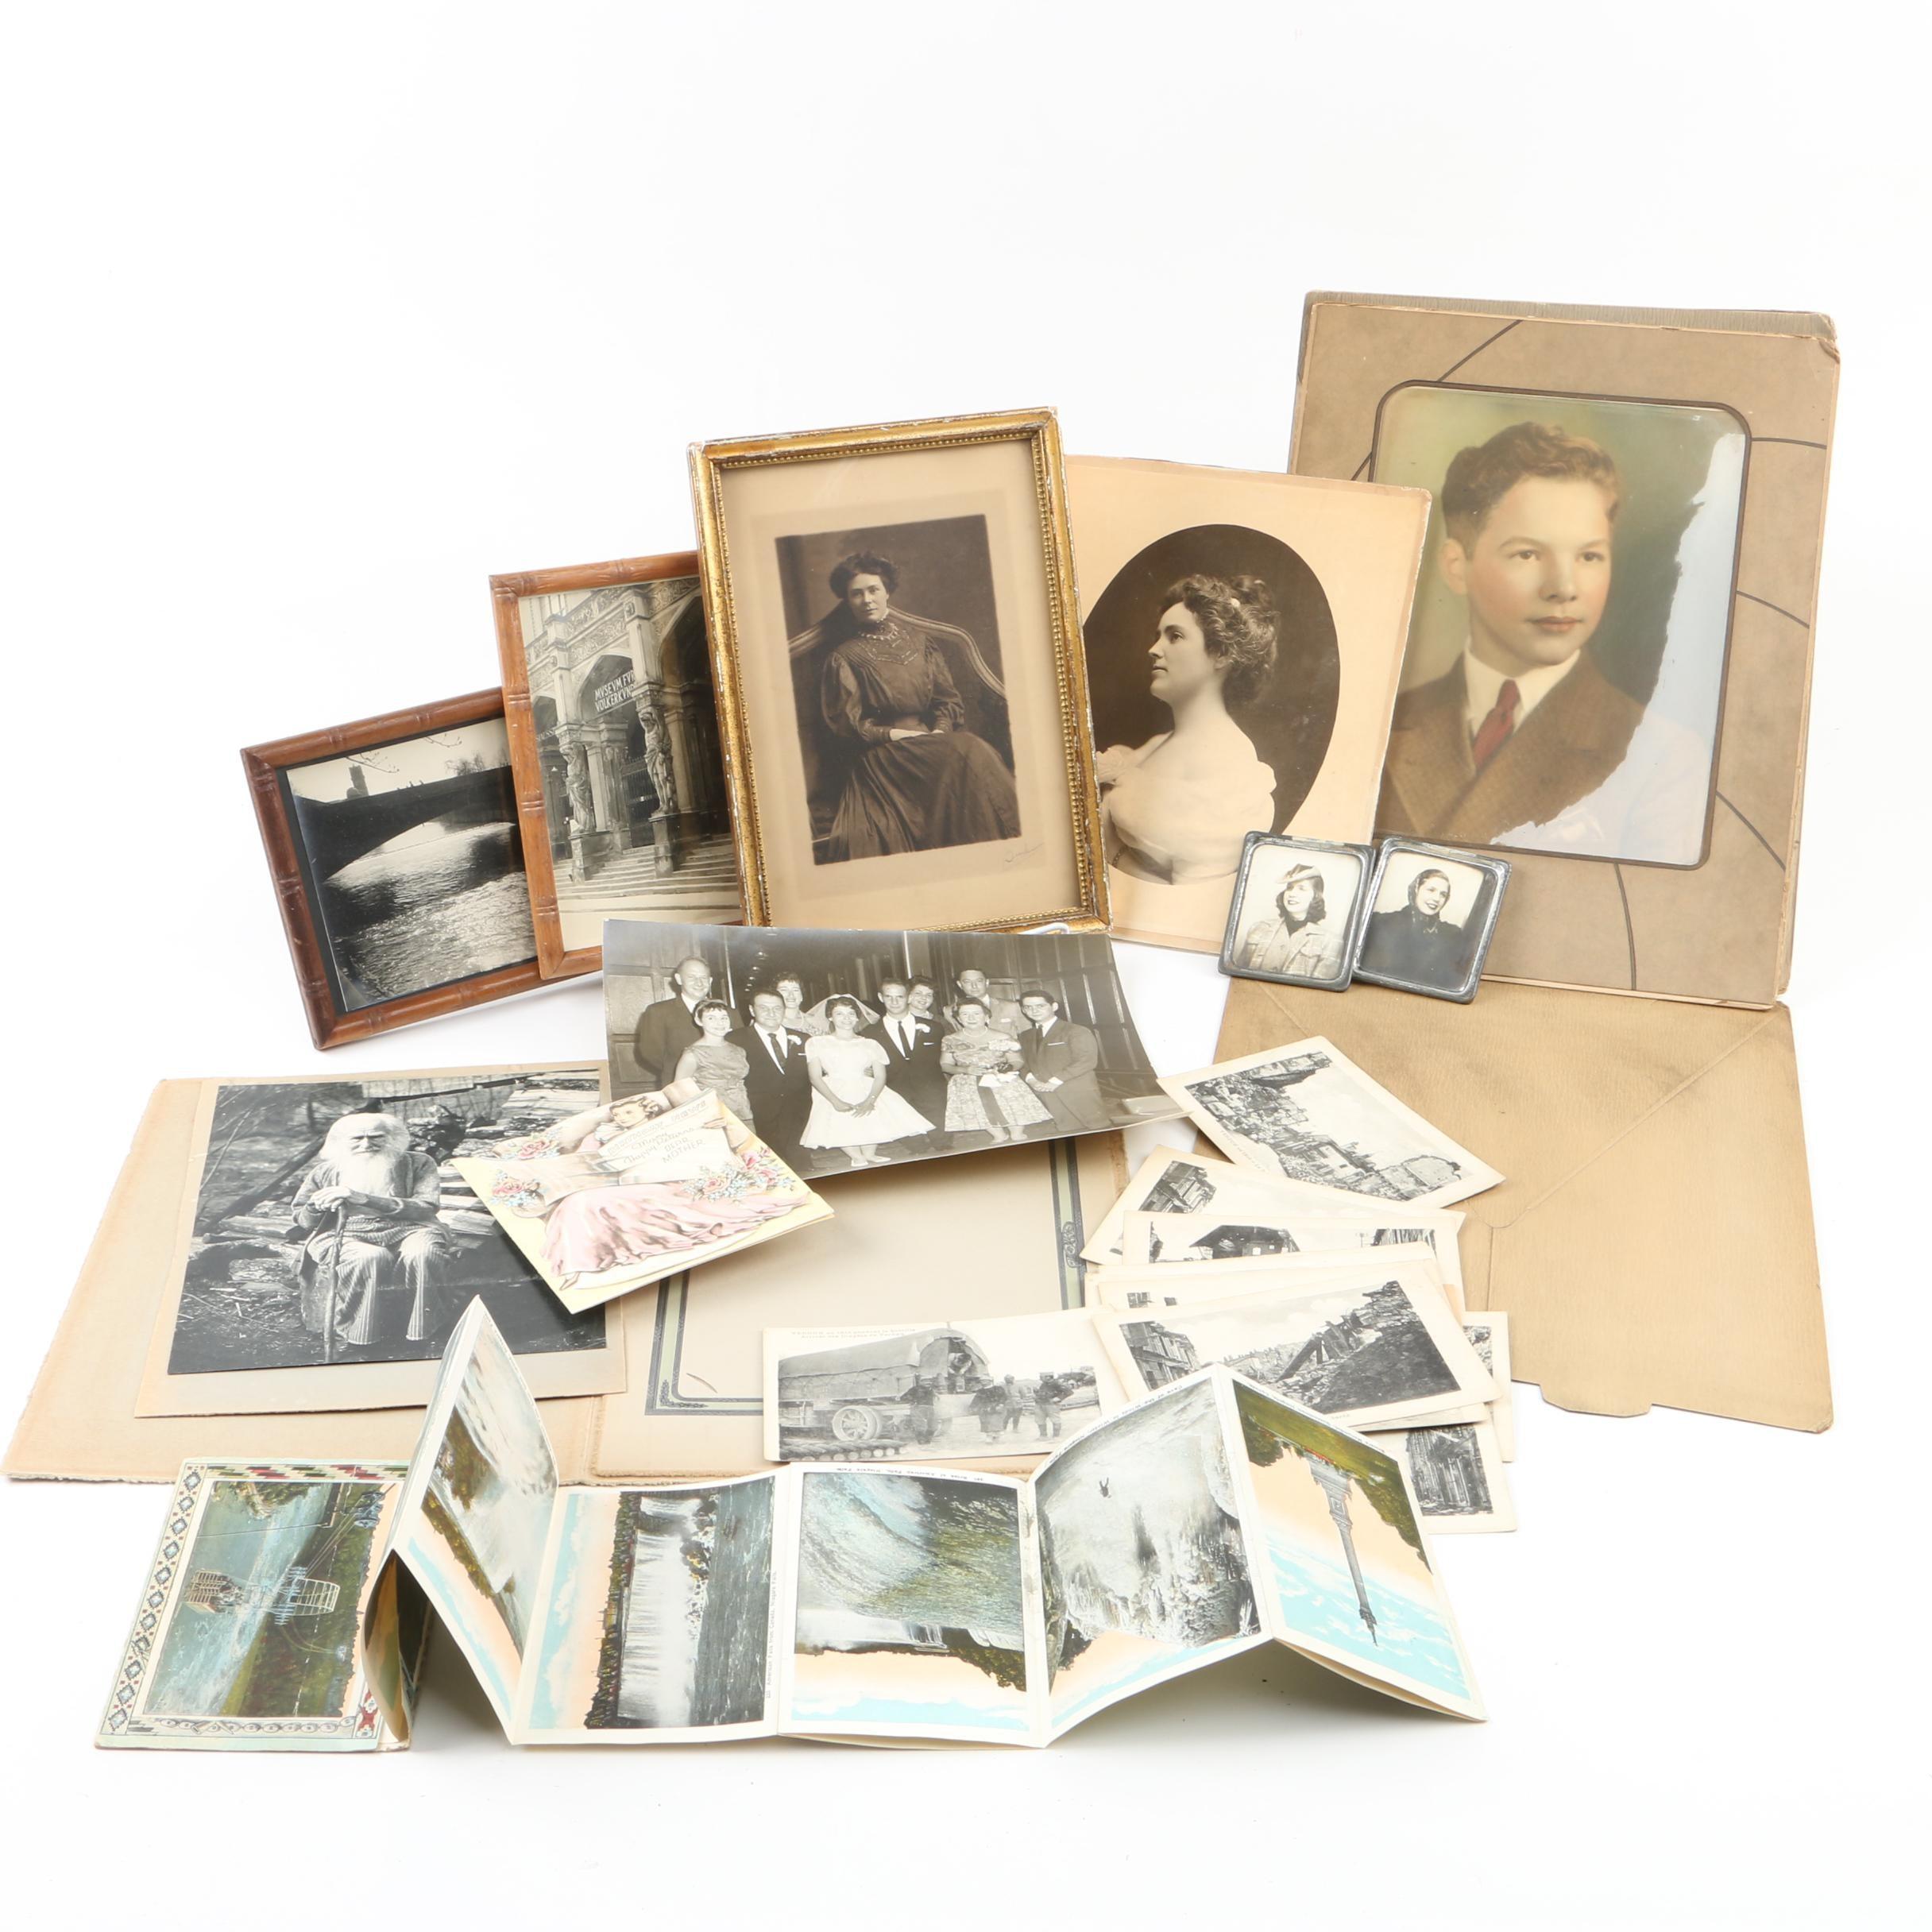 Grouping of Vintage Photographs and Ephemera